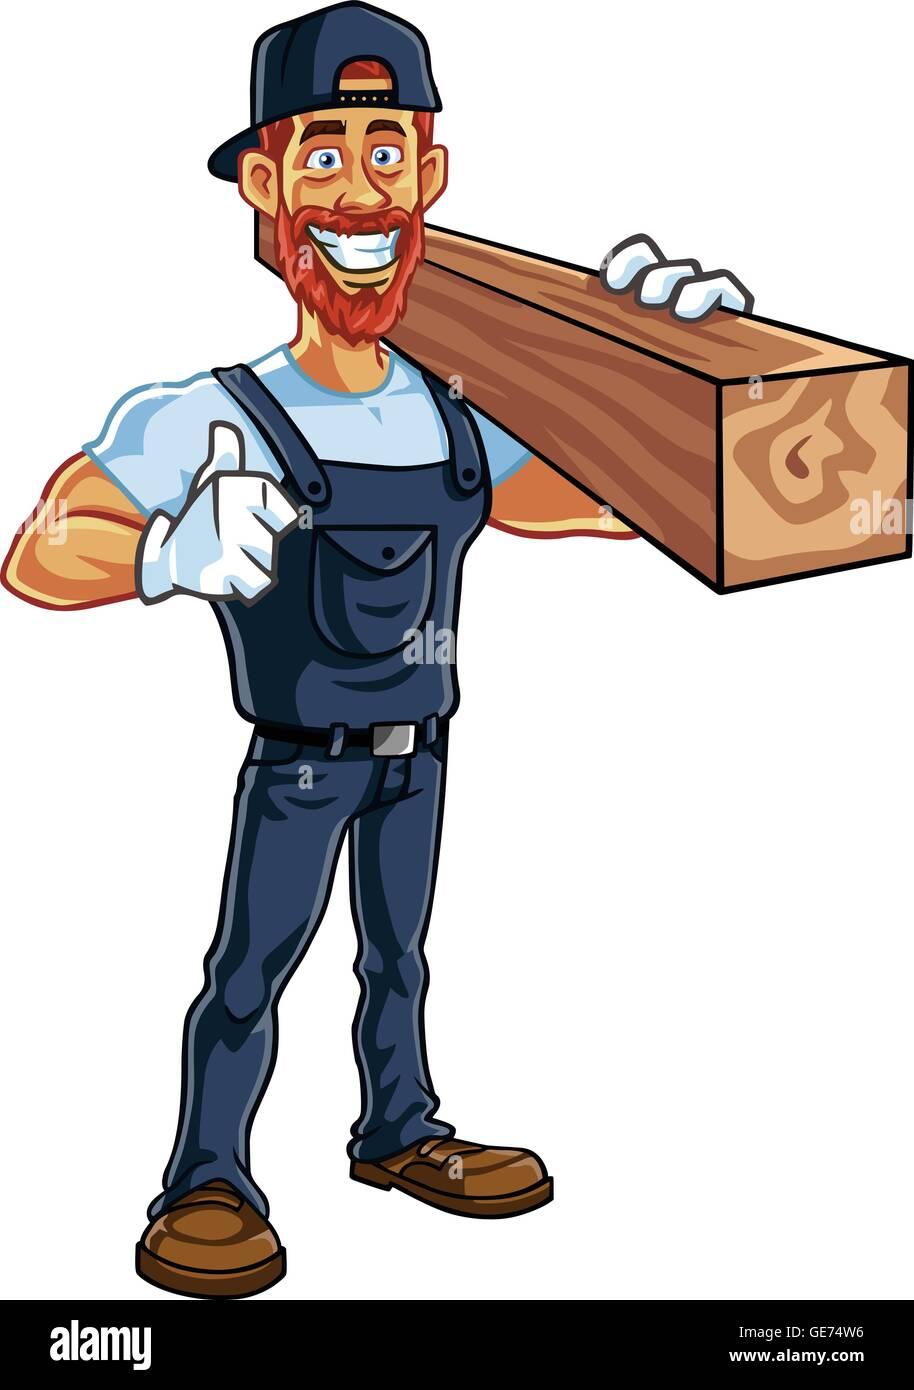 carpenter cartoon mascot vector illustration stock vector art